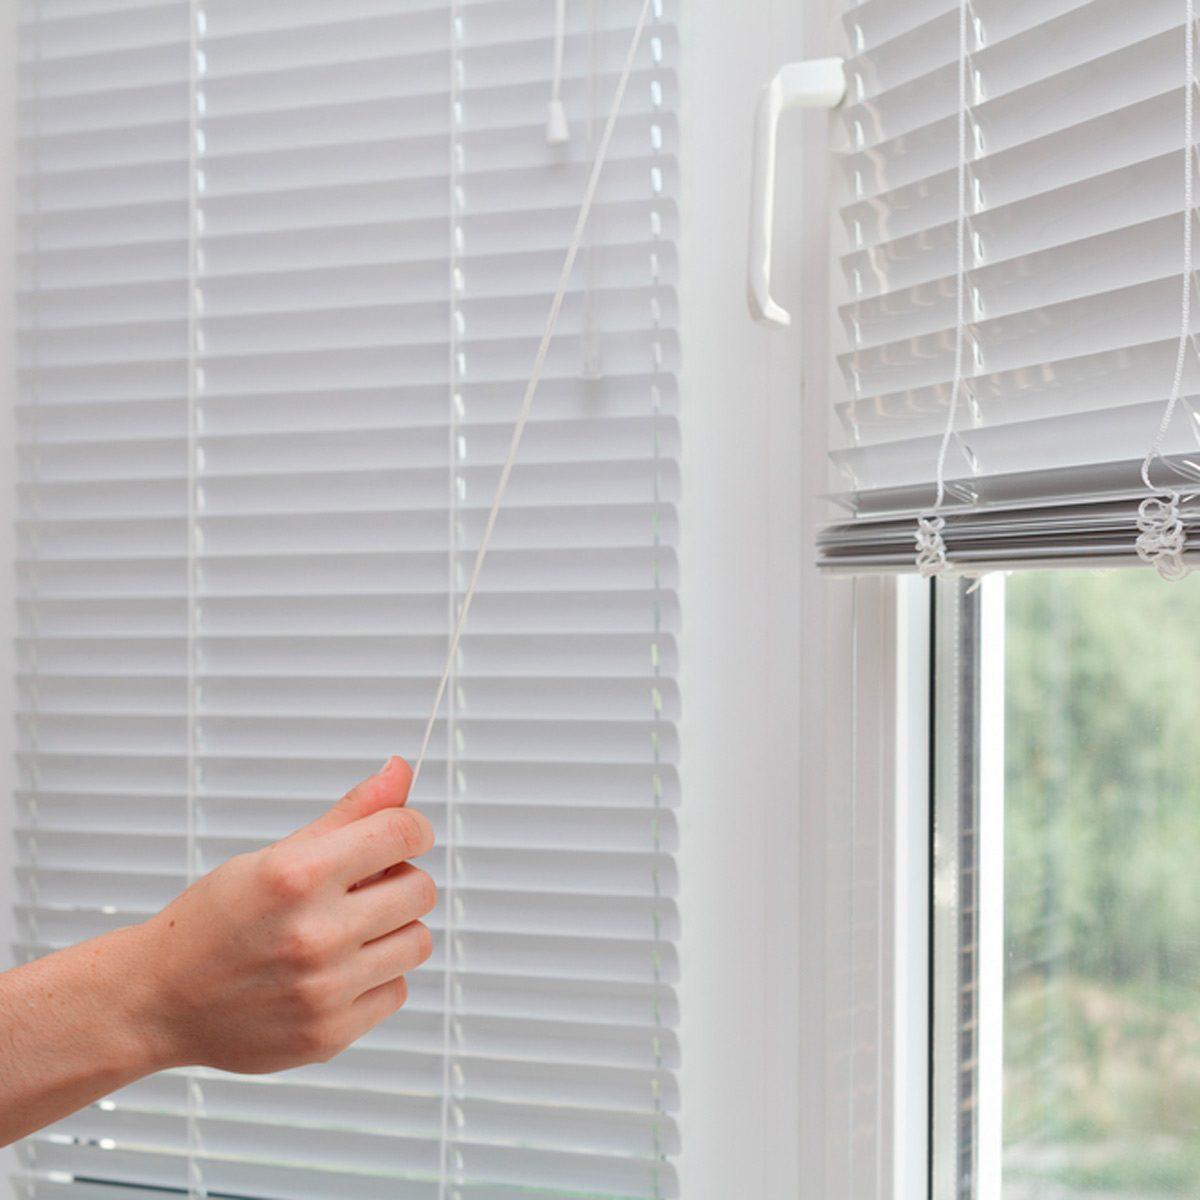 blinds outsmart burglars